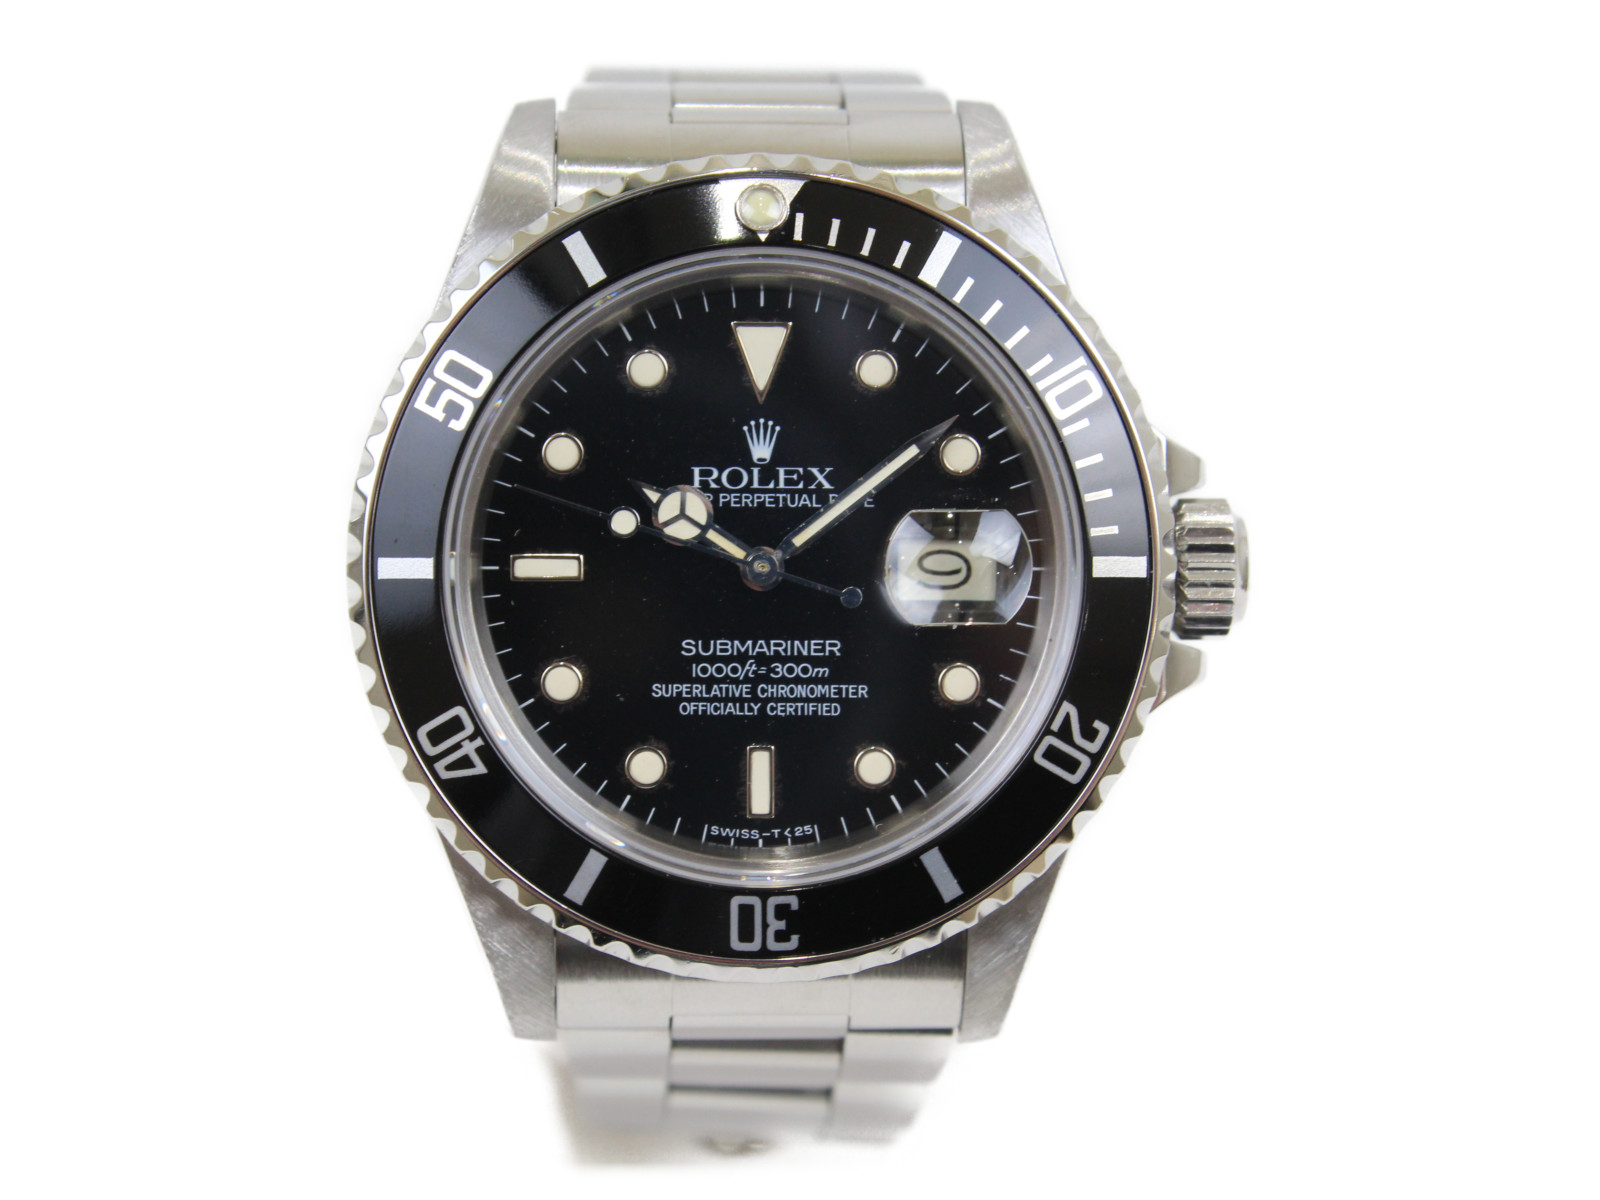 【アンティーク】ROLEX ロレックス サブマリーナーデイト 16800 1984年頃 自動巻き SS ステンレススチール ブラック メンズ 腕時計【中古】